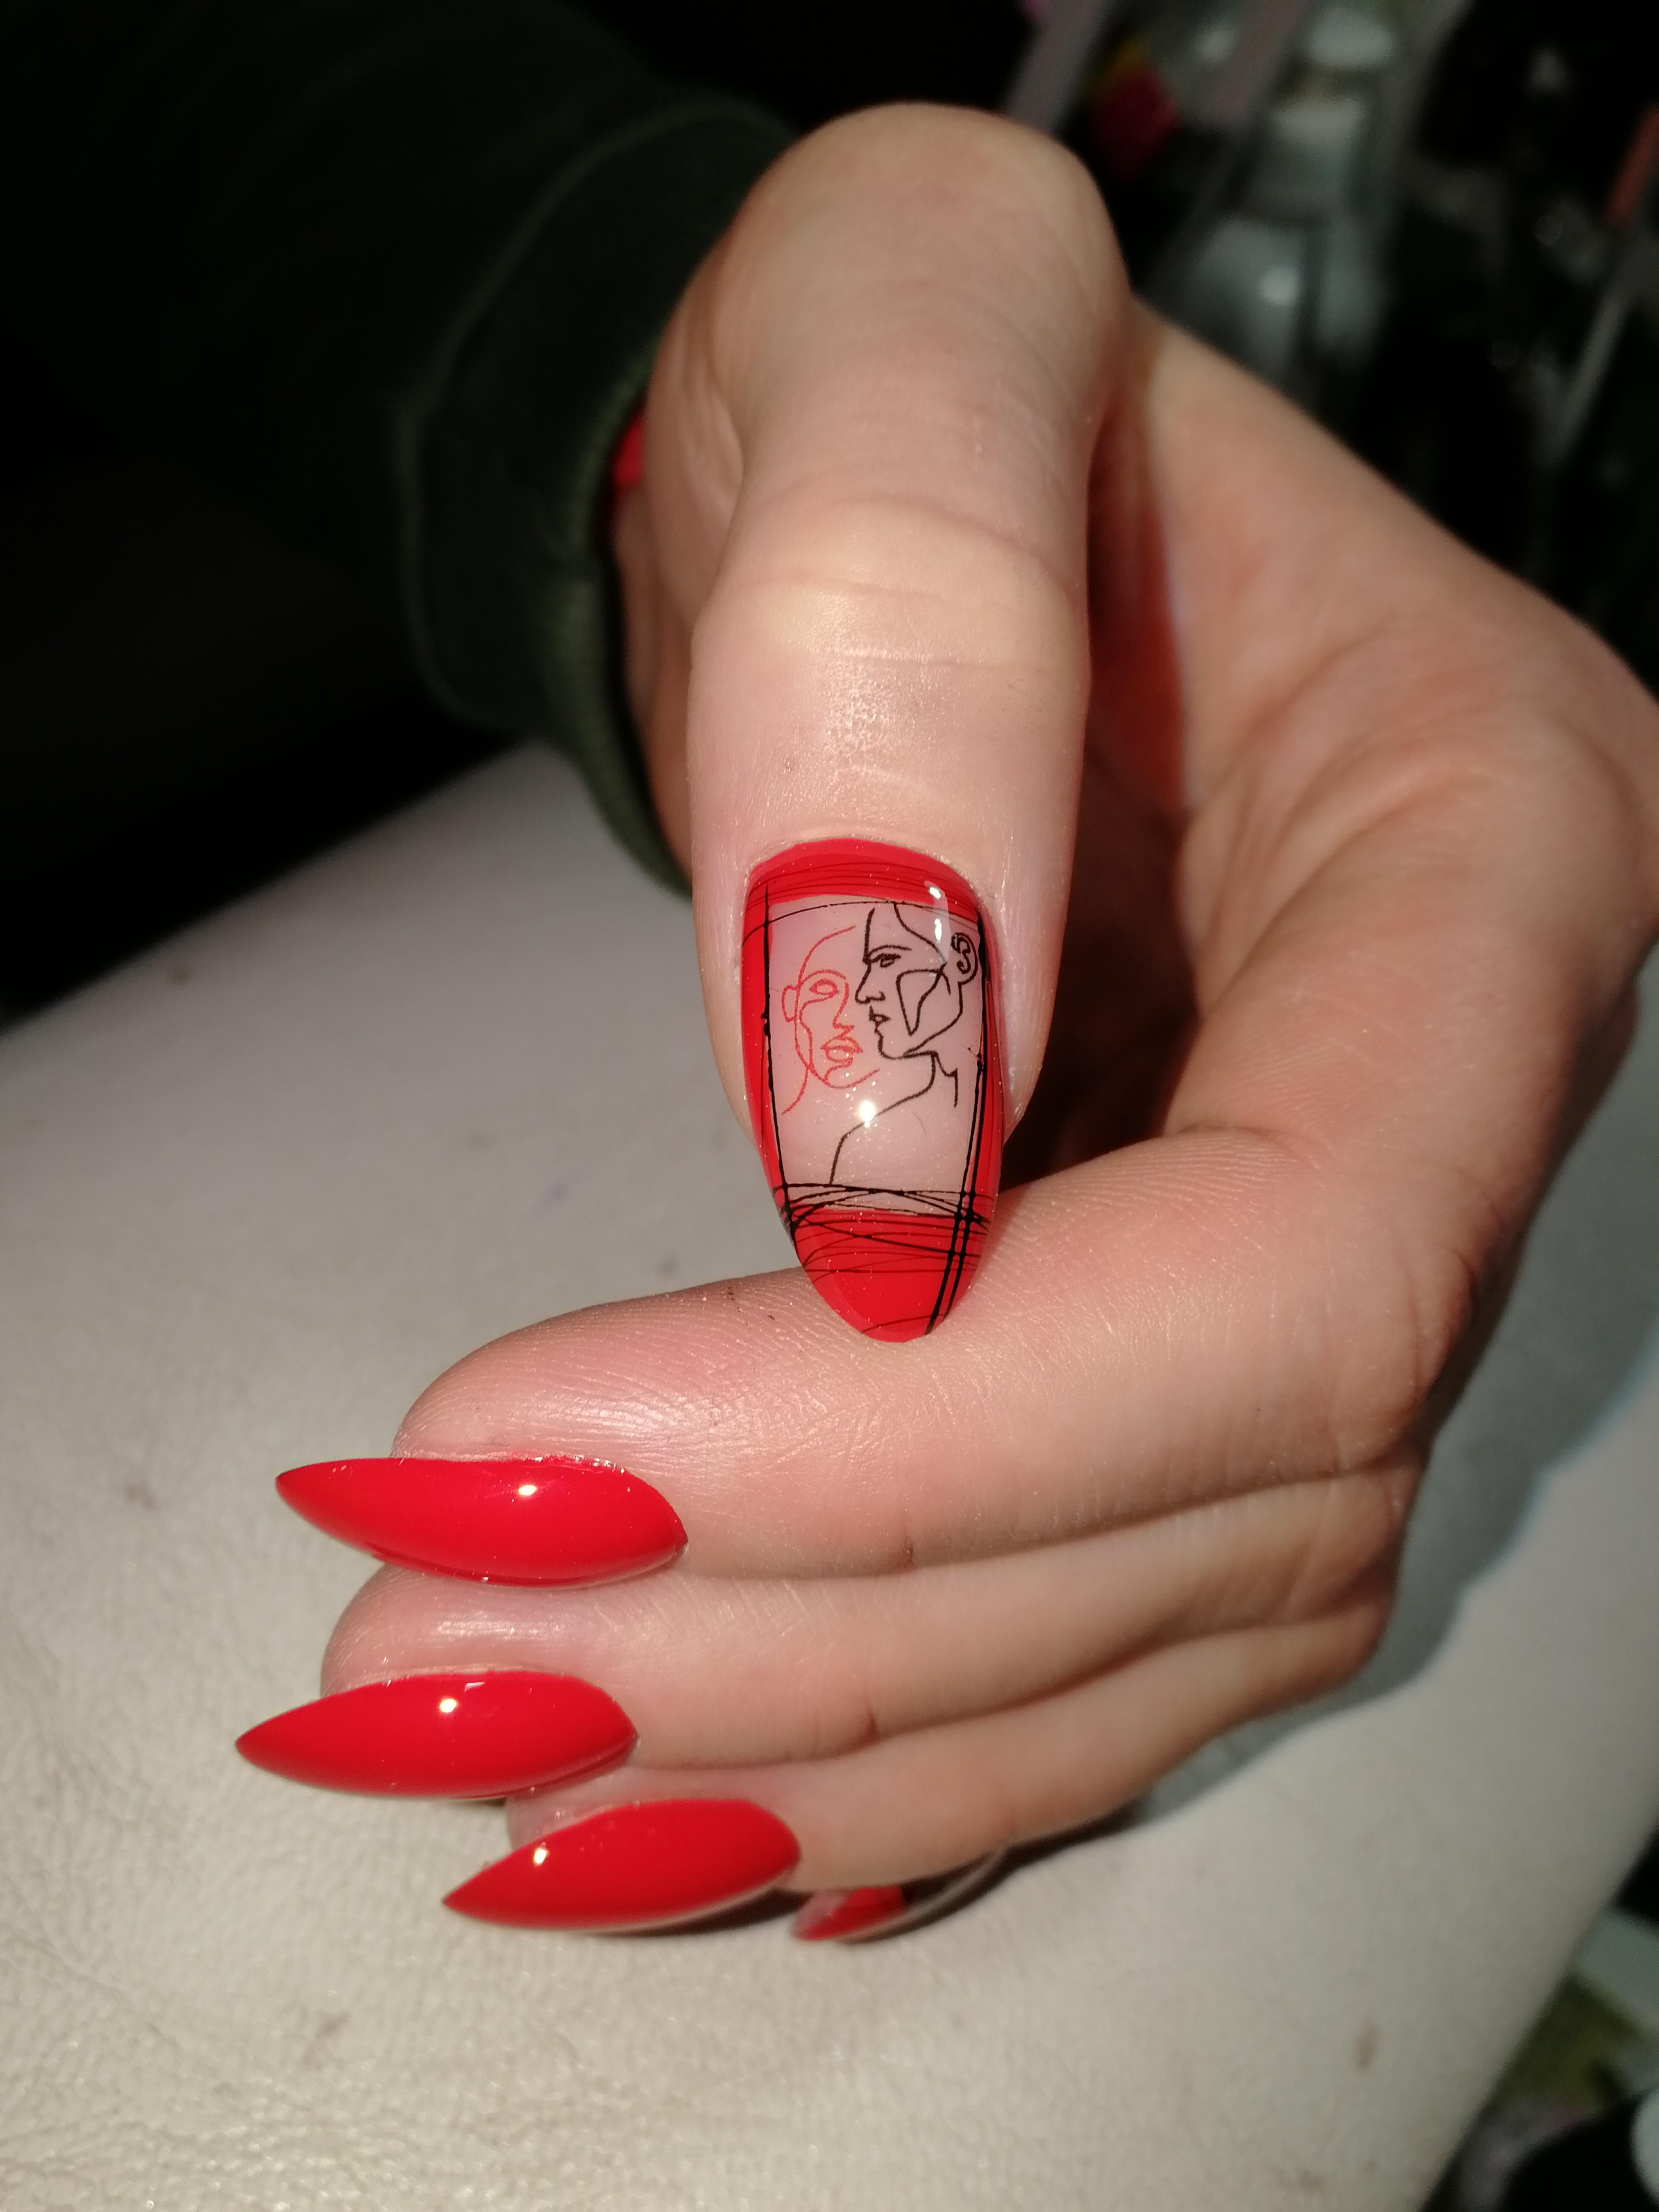 Маникюр с абстрактным слайдером в красном цвете.